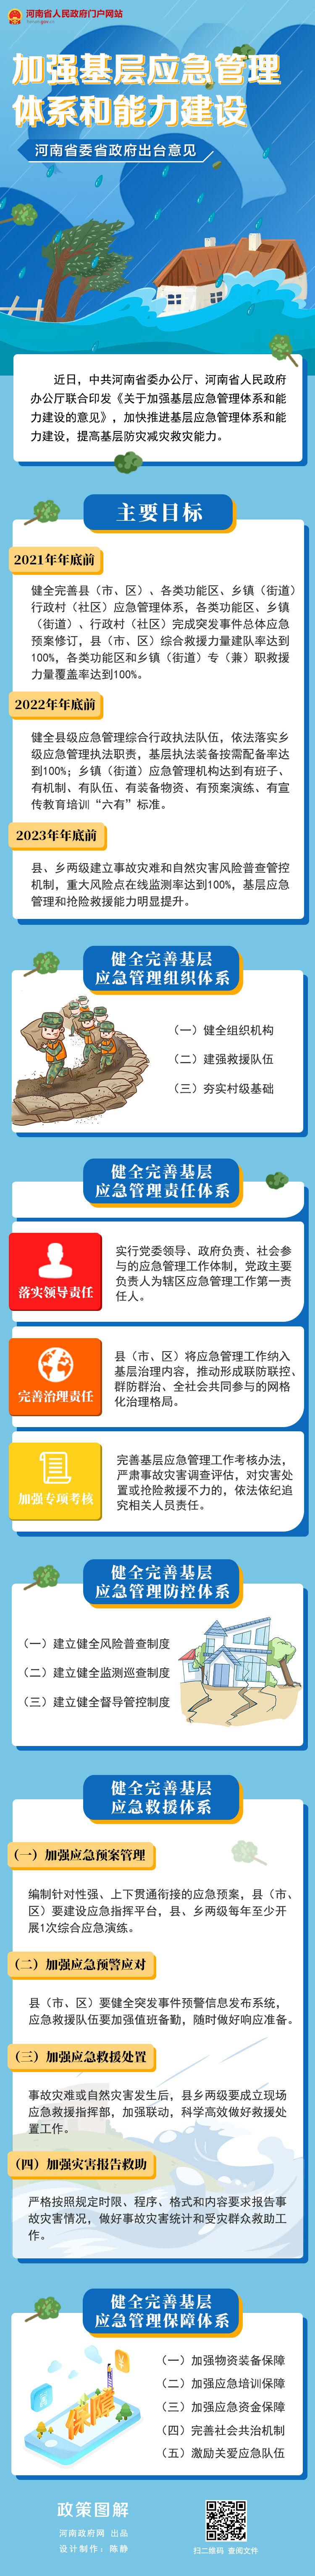 圖解:河南省委省政府出臺意見 加強基層應急管理體系和能力建設